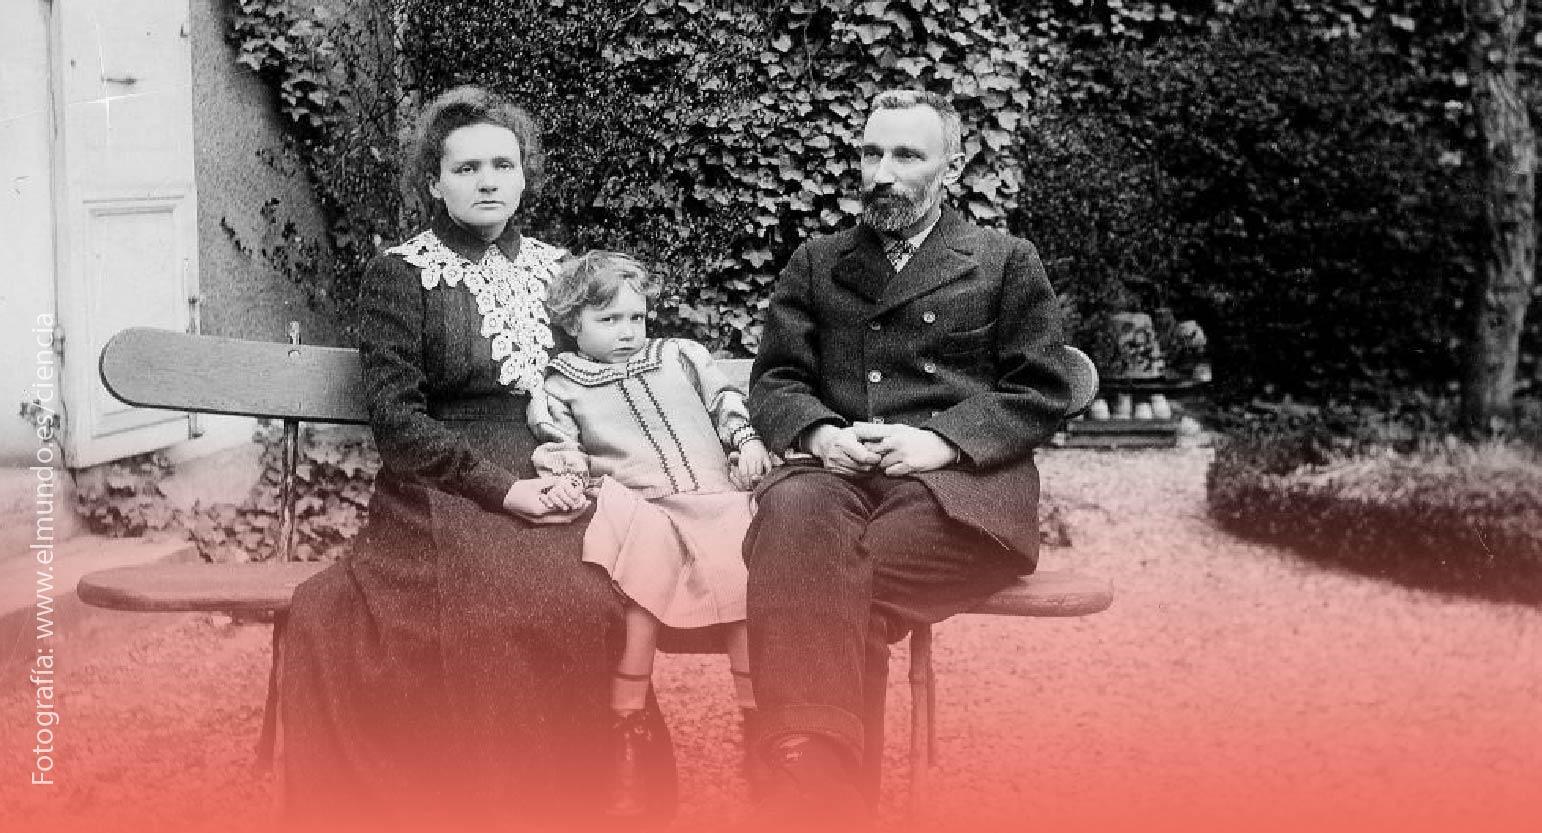 La Ciencia en los genes: Familias de científicos